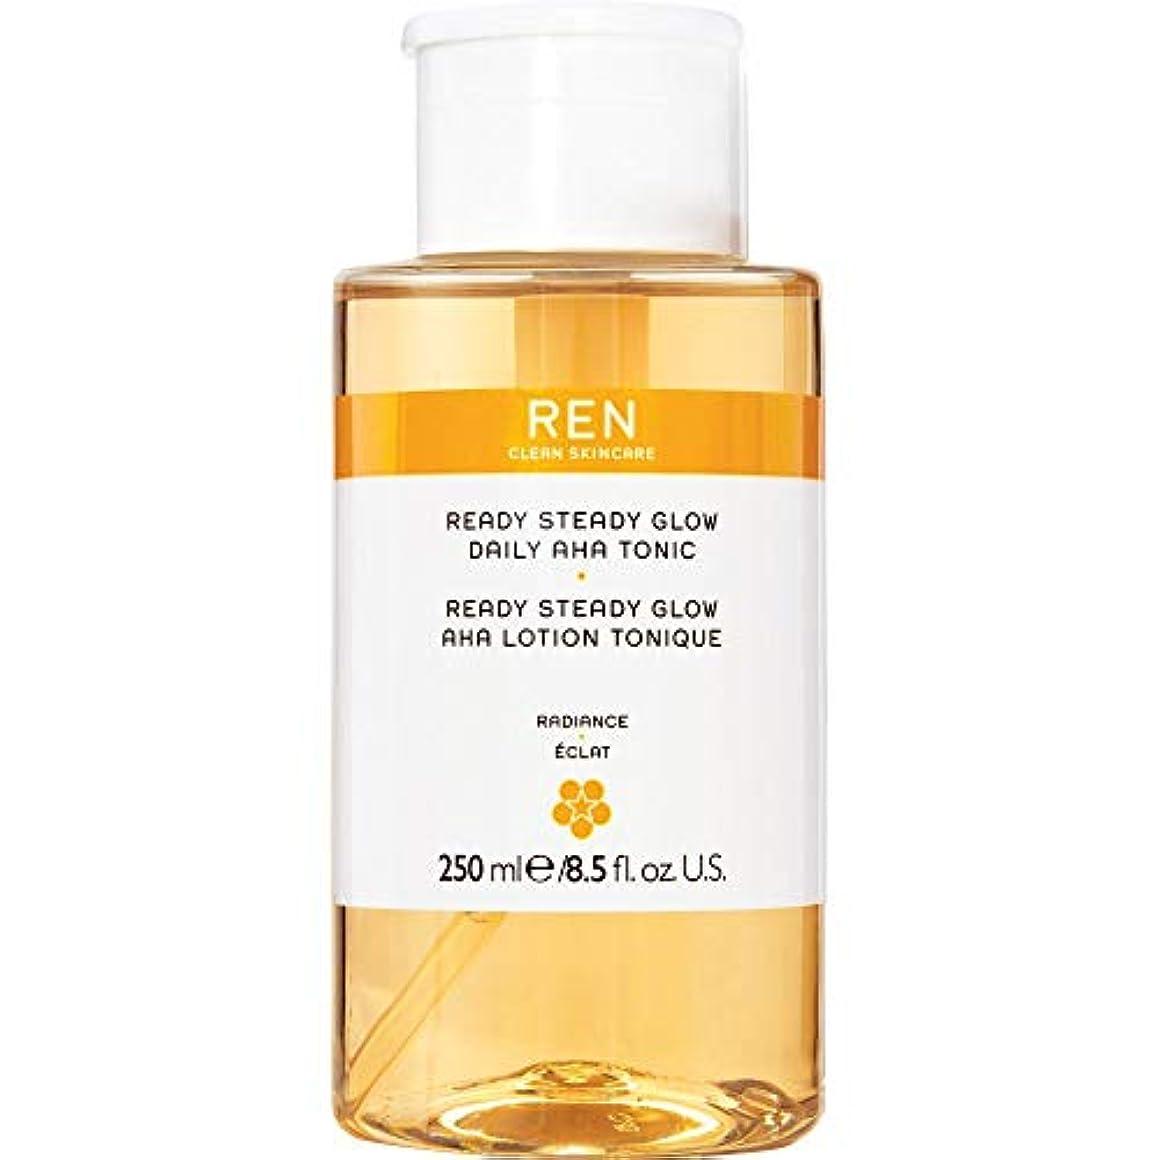 感動する可能ペット[REN] 準備ができて安定したグロー毎日Ahaの強壮剤の250ミリリットルをRen - REN Ready Steady Glow Daily AHA Tonic 250ml [並行輸入品]